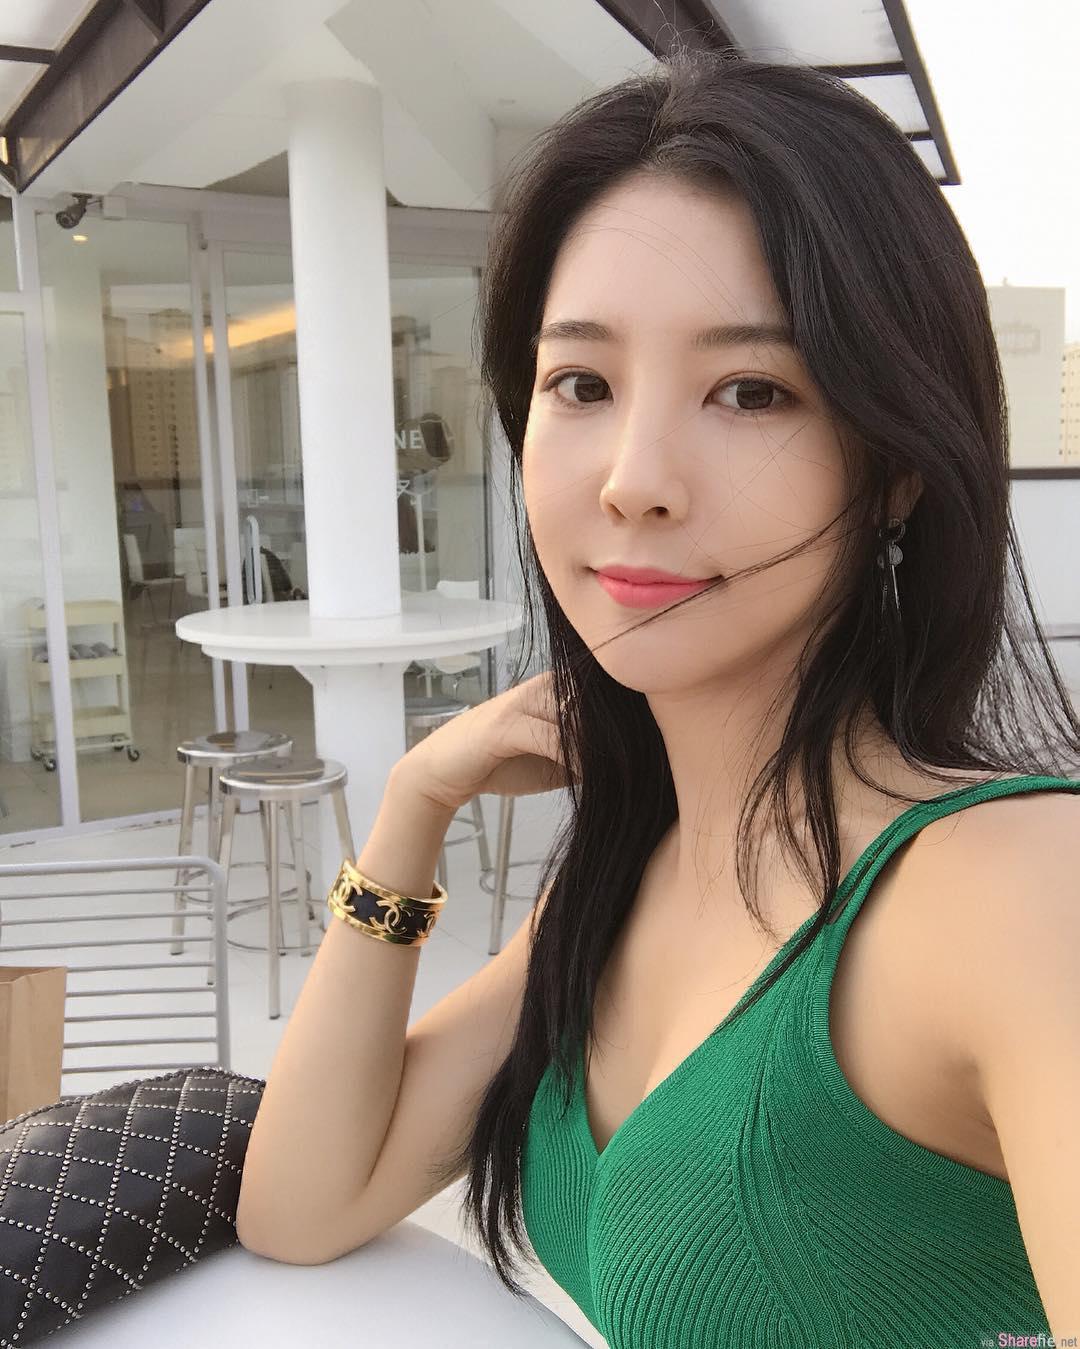 韩国极品正妹,甜美超兇,比基尼秀出完美身材